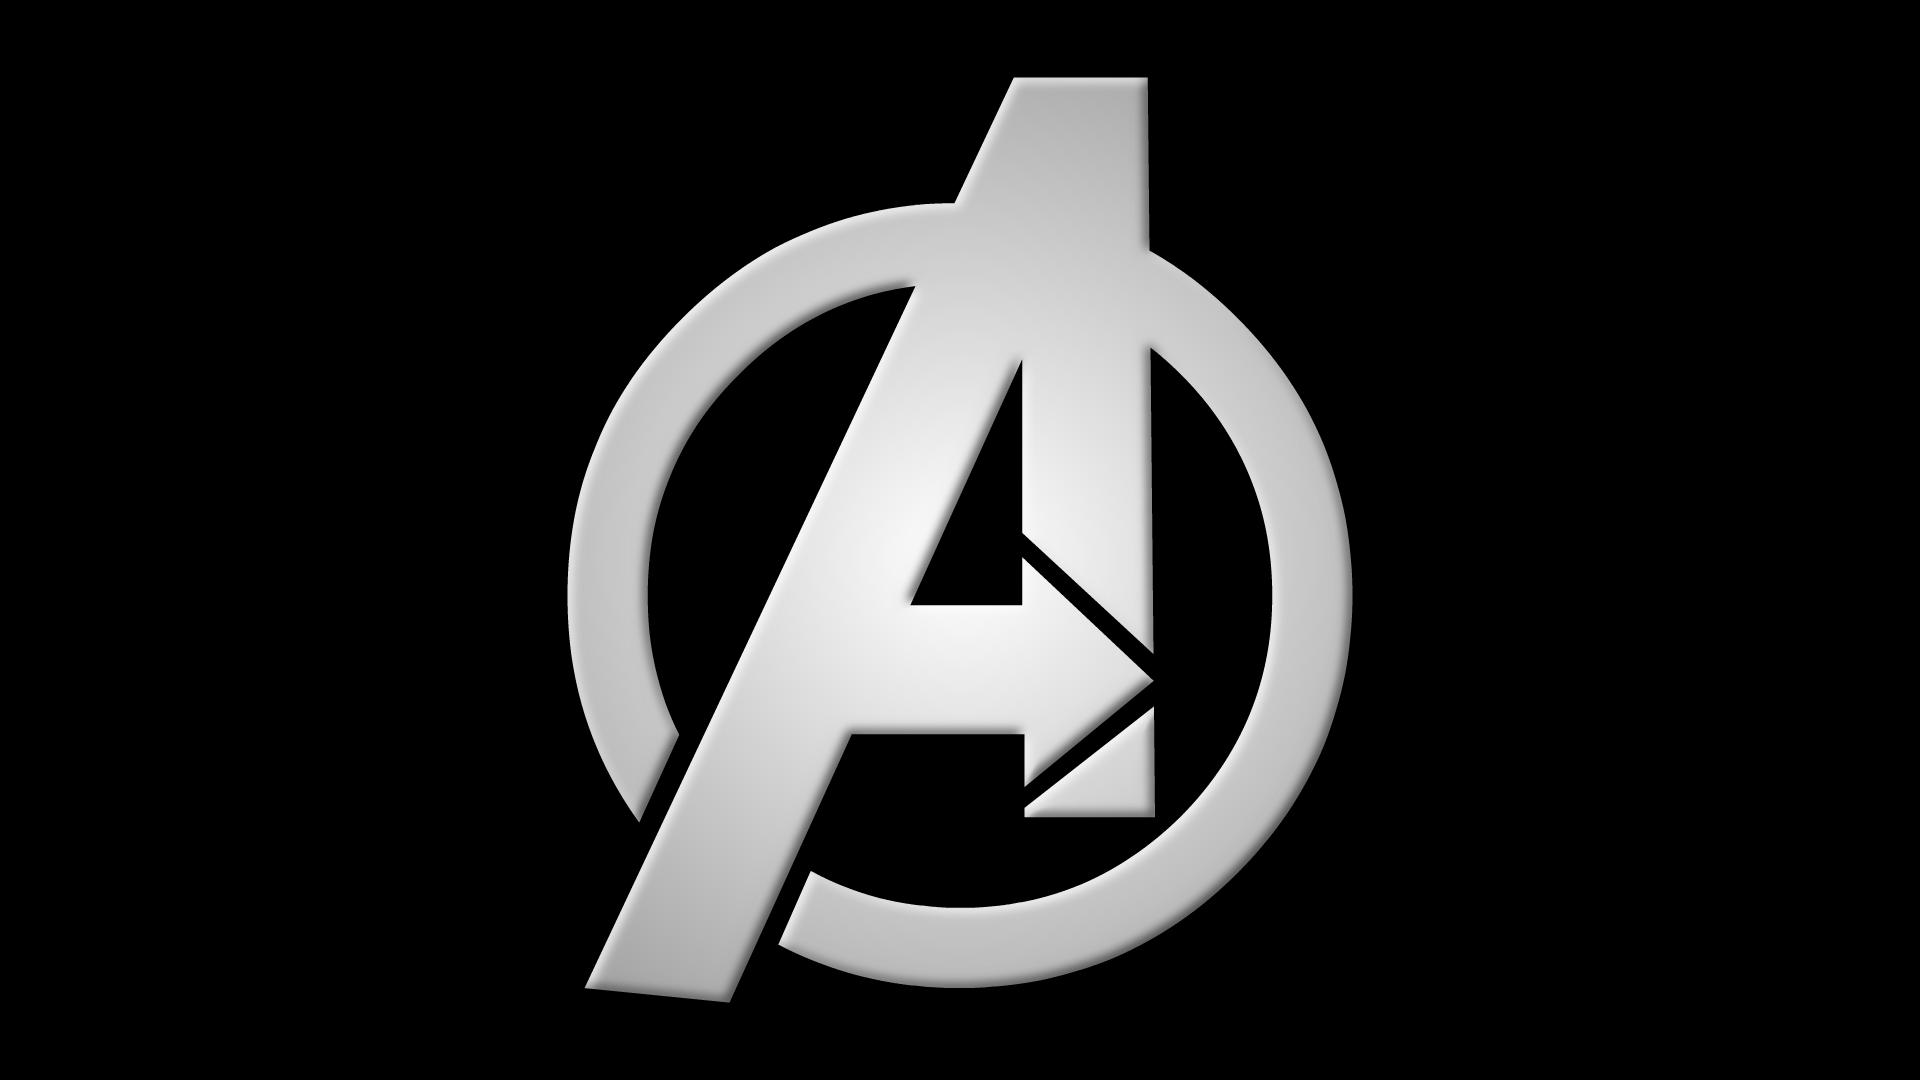 Avengers symbol by yurtigo on deviantart - Avengers symbol wallpaper ...